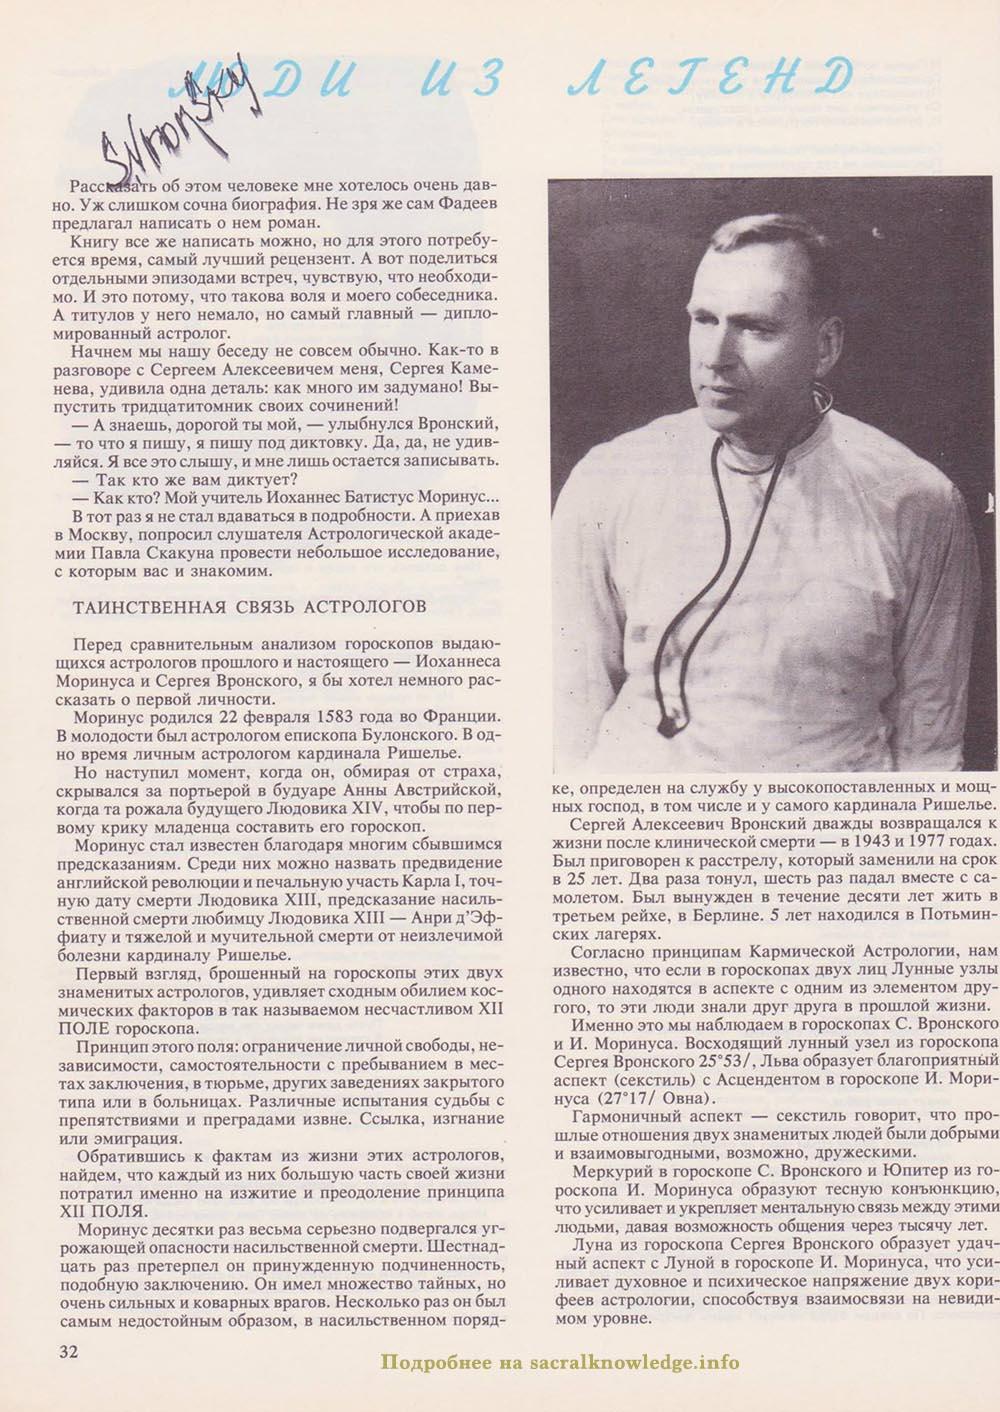 Вронский Сергей Алексеевич